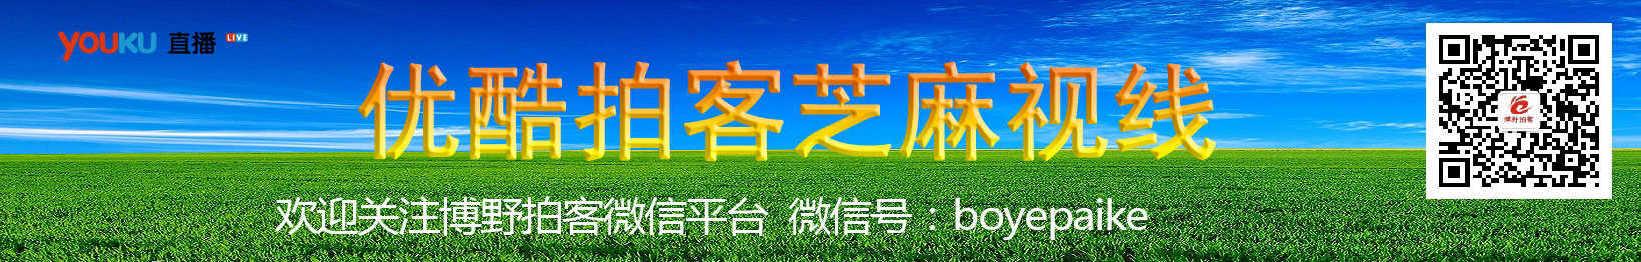 芝麻视线 banner